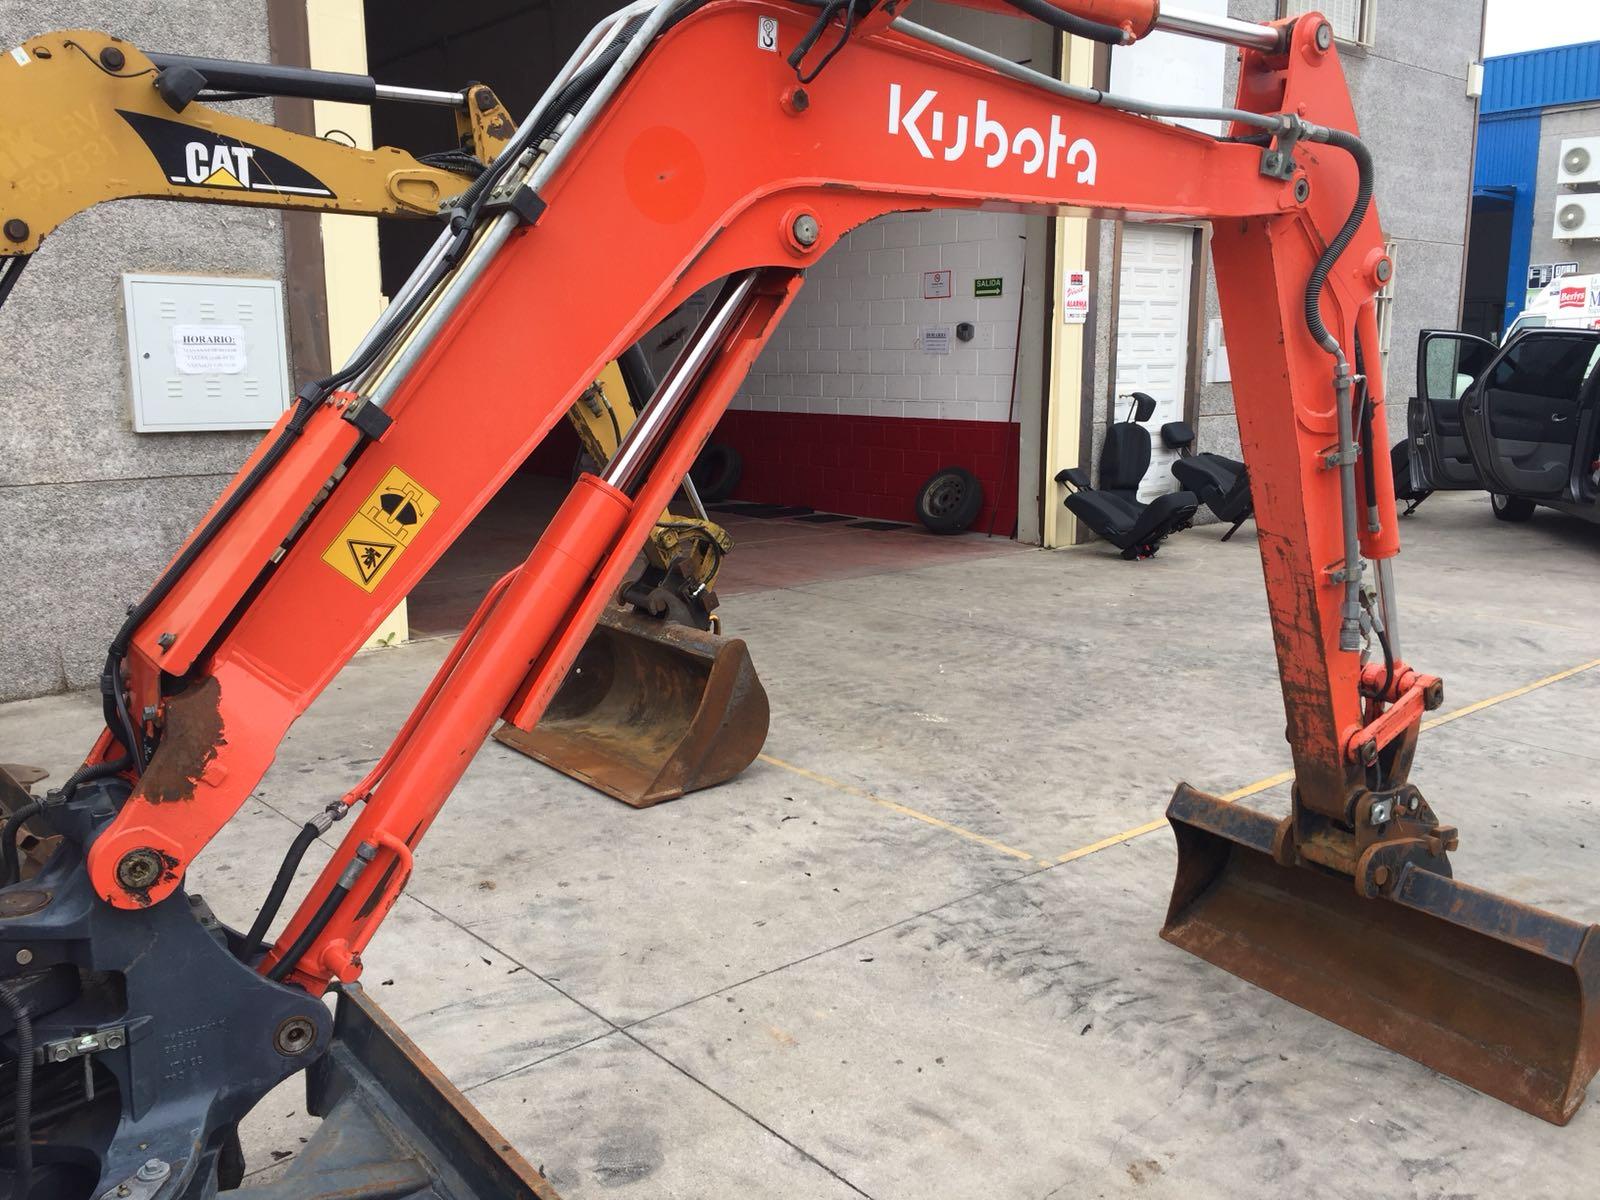 kubota kx61 (4)